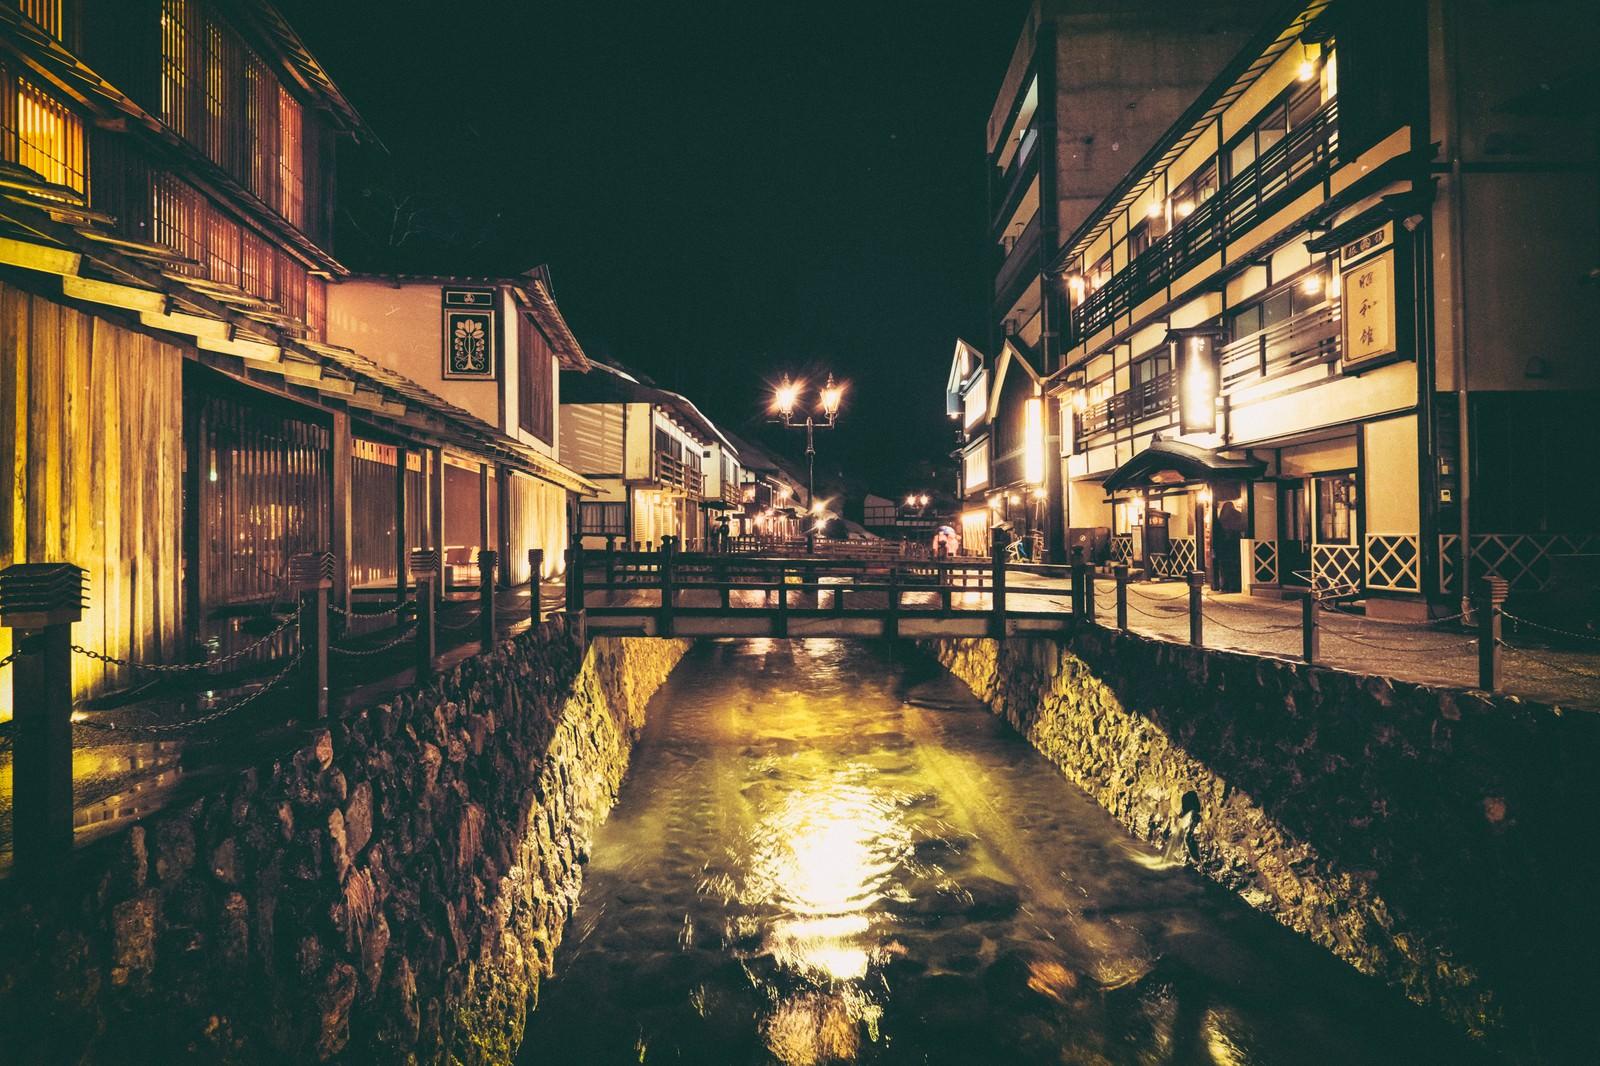 「銀山温泉街と中央に流れる銀山川(夜間)」の写真